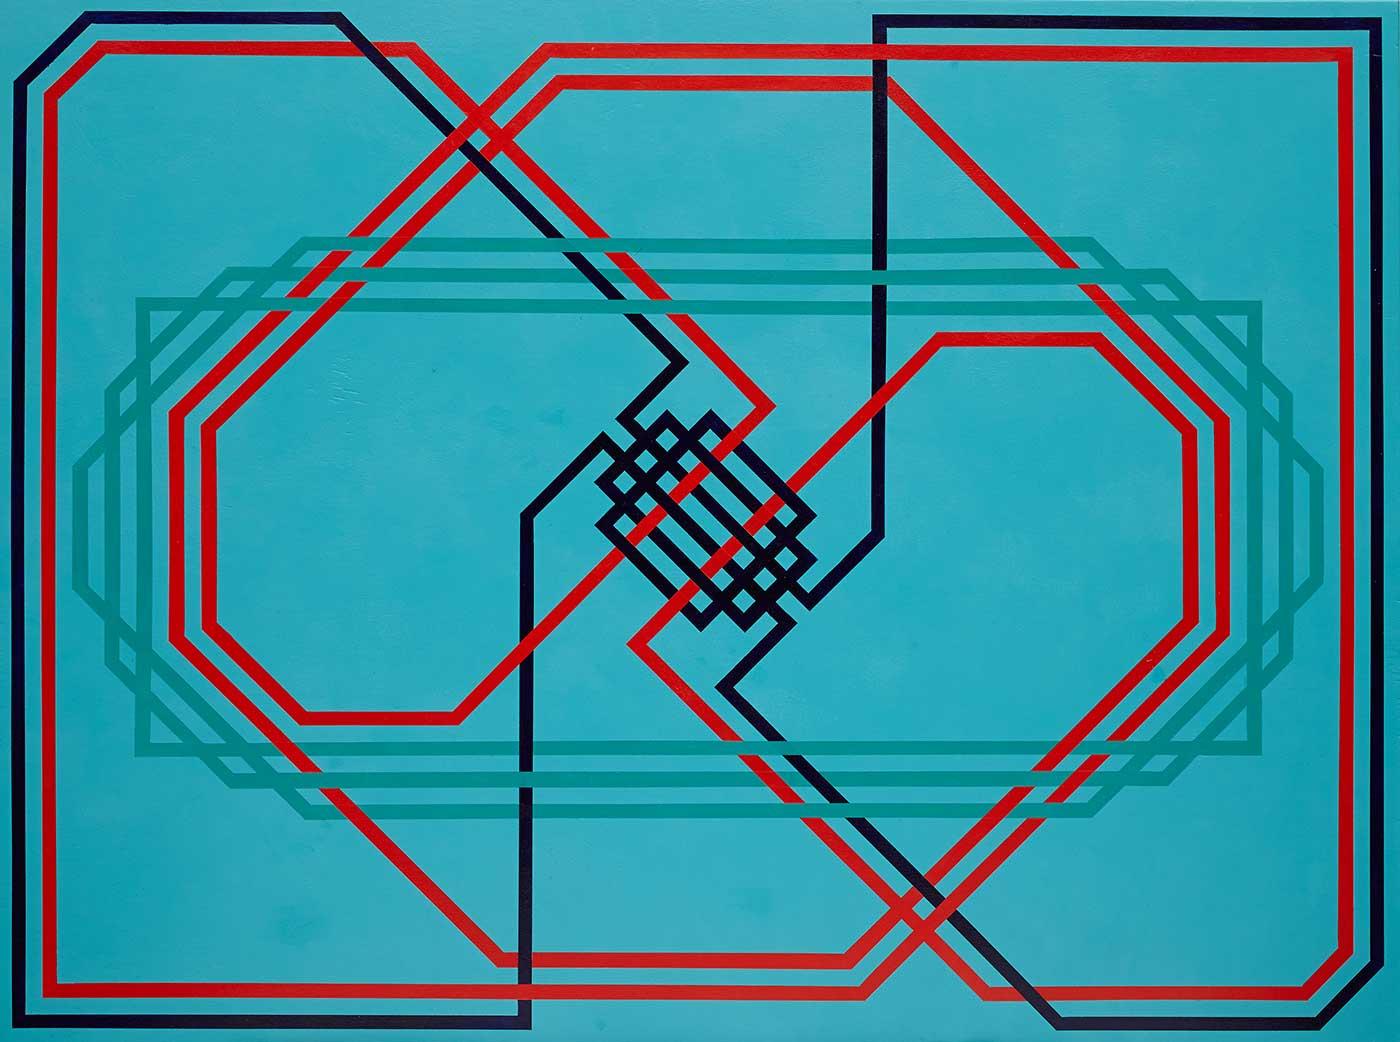 Shaheer Zazai - Untitled/New New VI